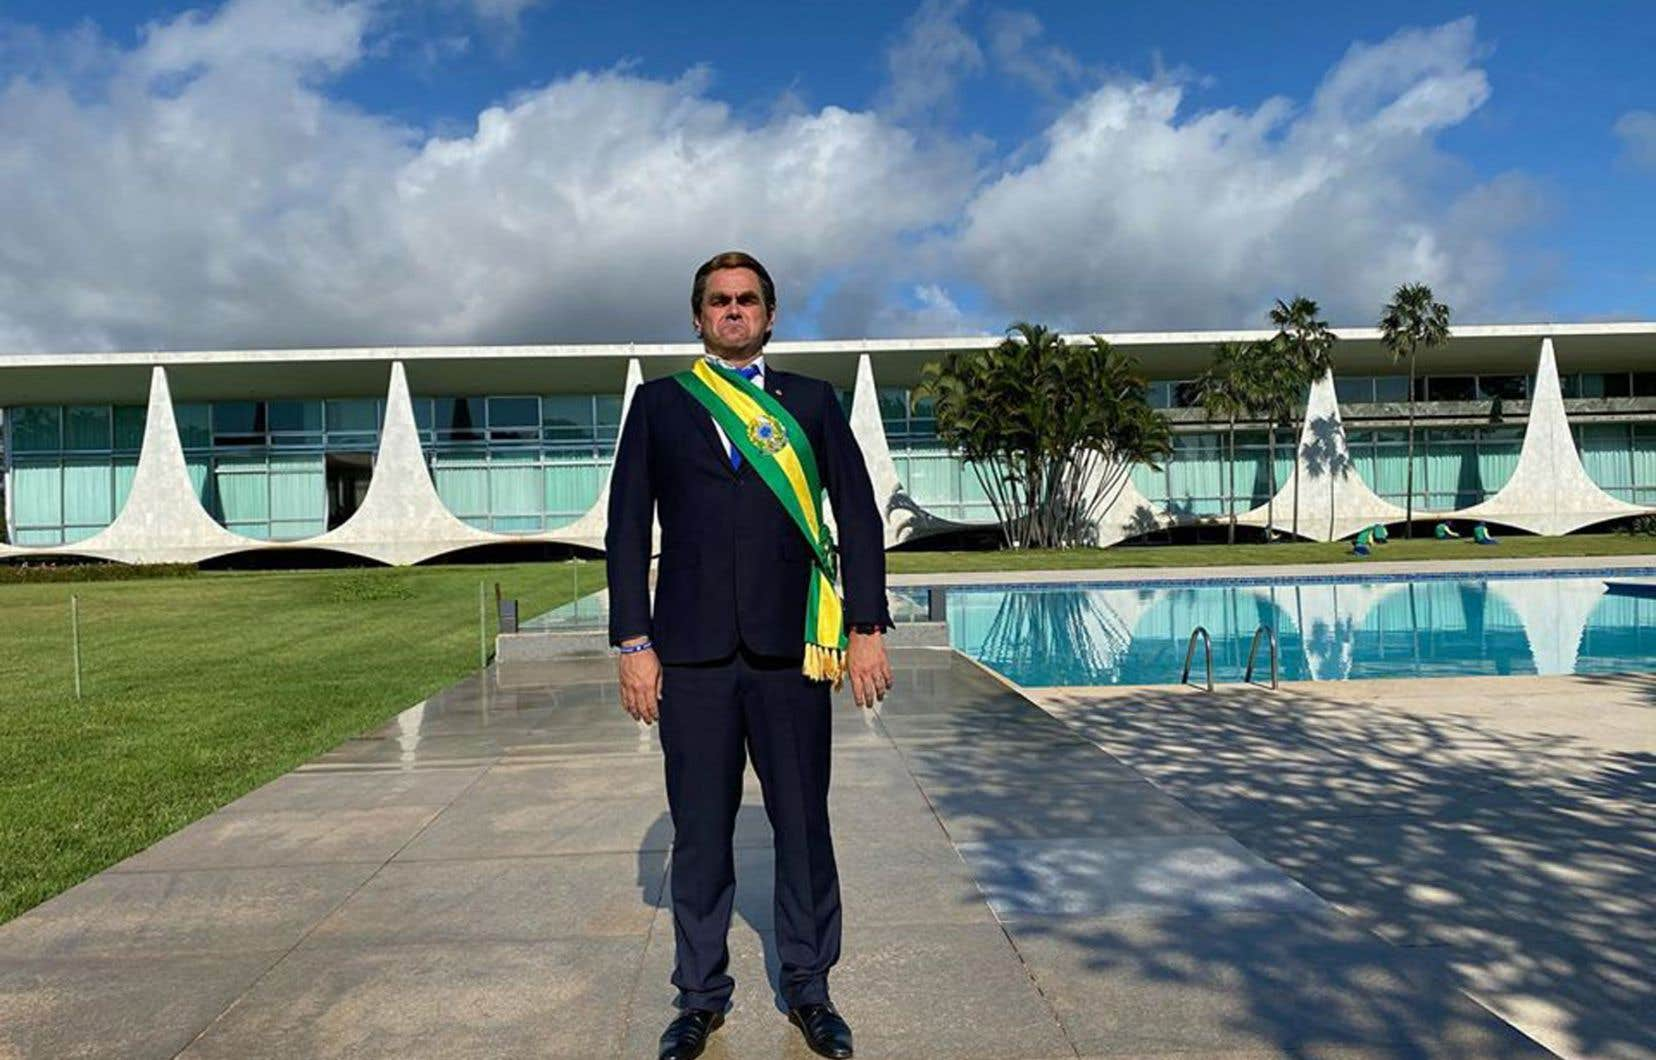 Relooké à la Bolsonaro et affublé de l'écharpe présidentielle, l'humoristeMarvio Lucio avait en main un régime de bananes qu'il comptait distribuer aux journalistes.